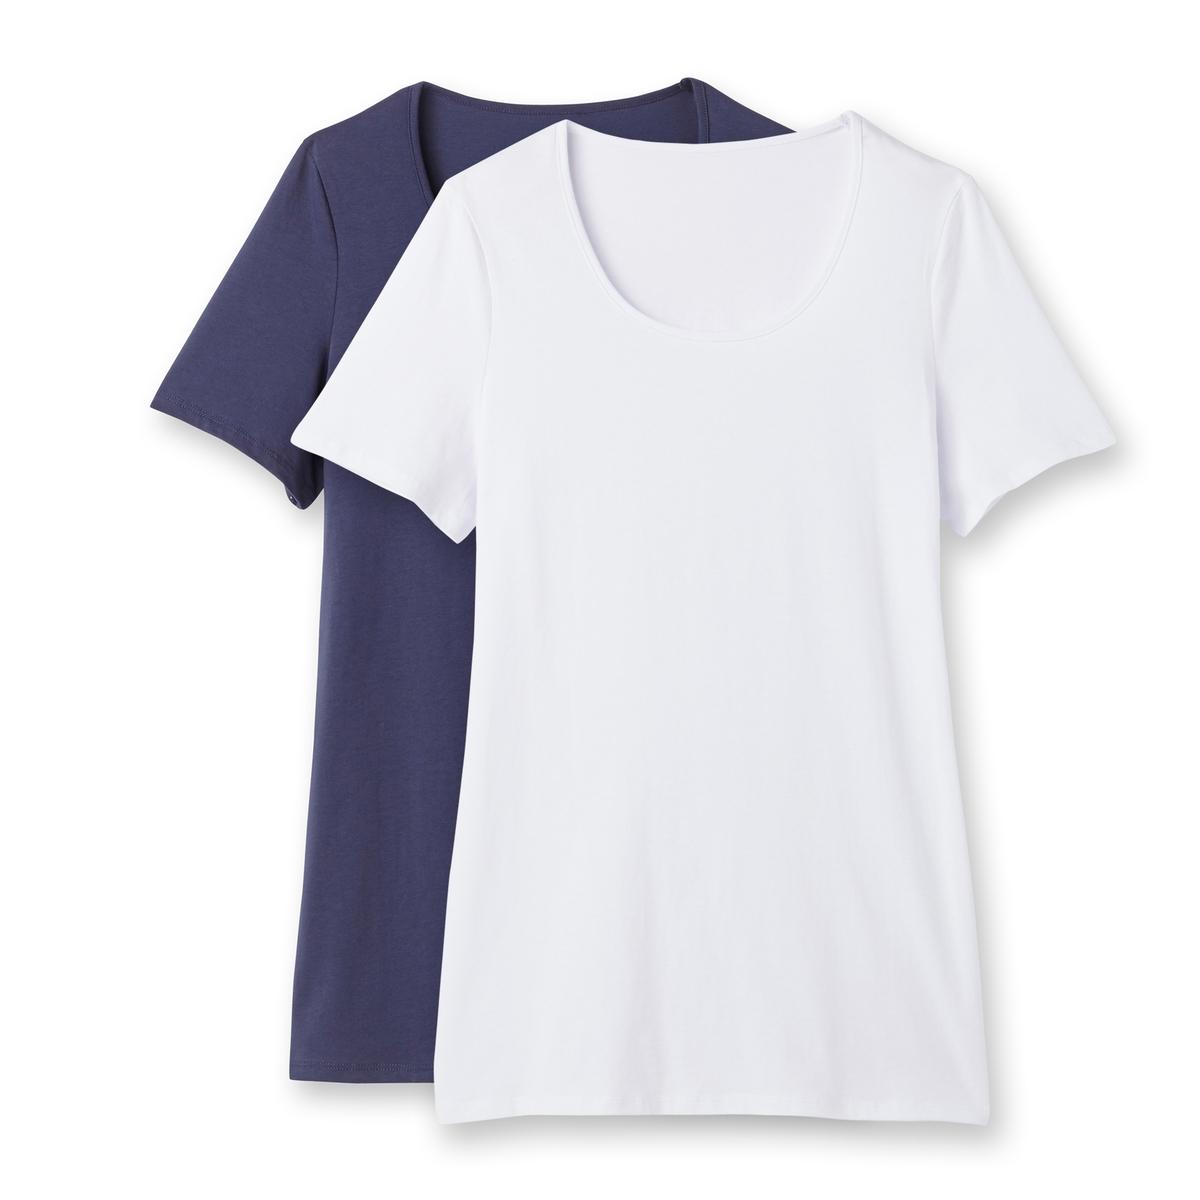 Футболка с короткими рукавамиКомплект из 2 футболок. Свободный круглый вырез. Короткие рукава. Футболка трикотажная, 100% хлопка. Длина 75 см.<br><br>Цвет: белый/ темно-синий,серый меланж + черный<br>Размер: 42/44 (FR) - 48/50 (RUS).46/48 (FR) - 52/54 (RUS)